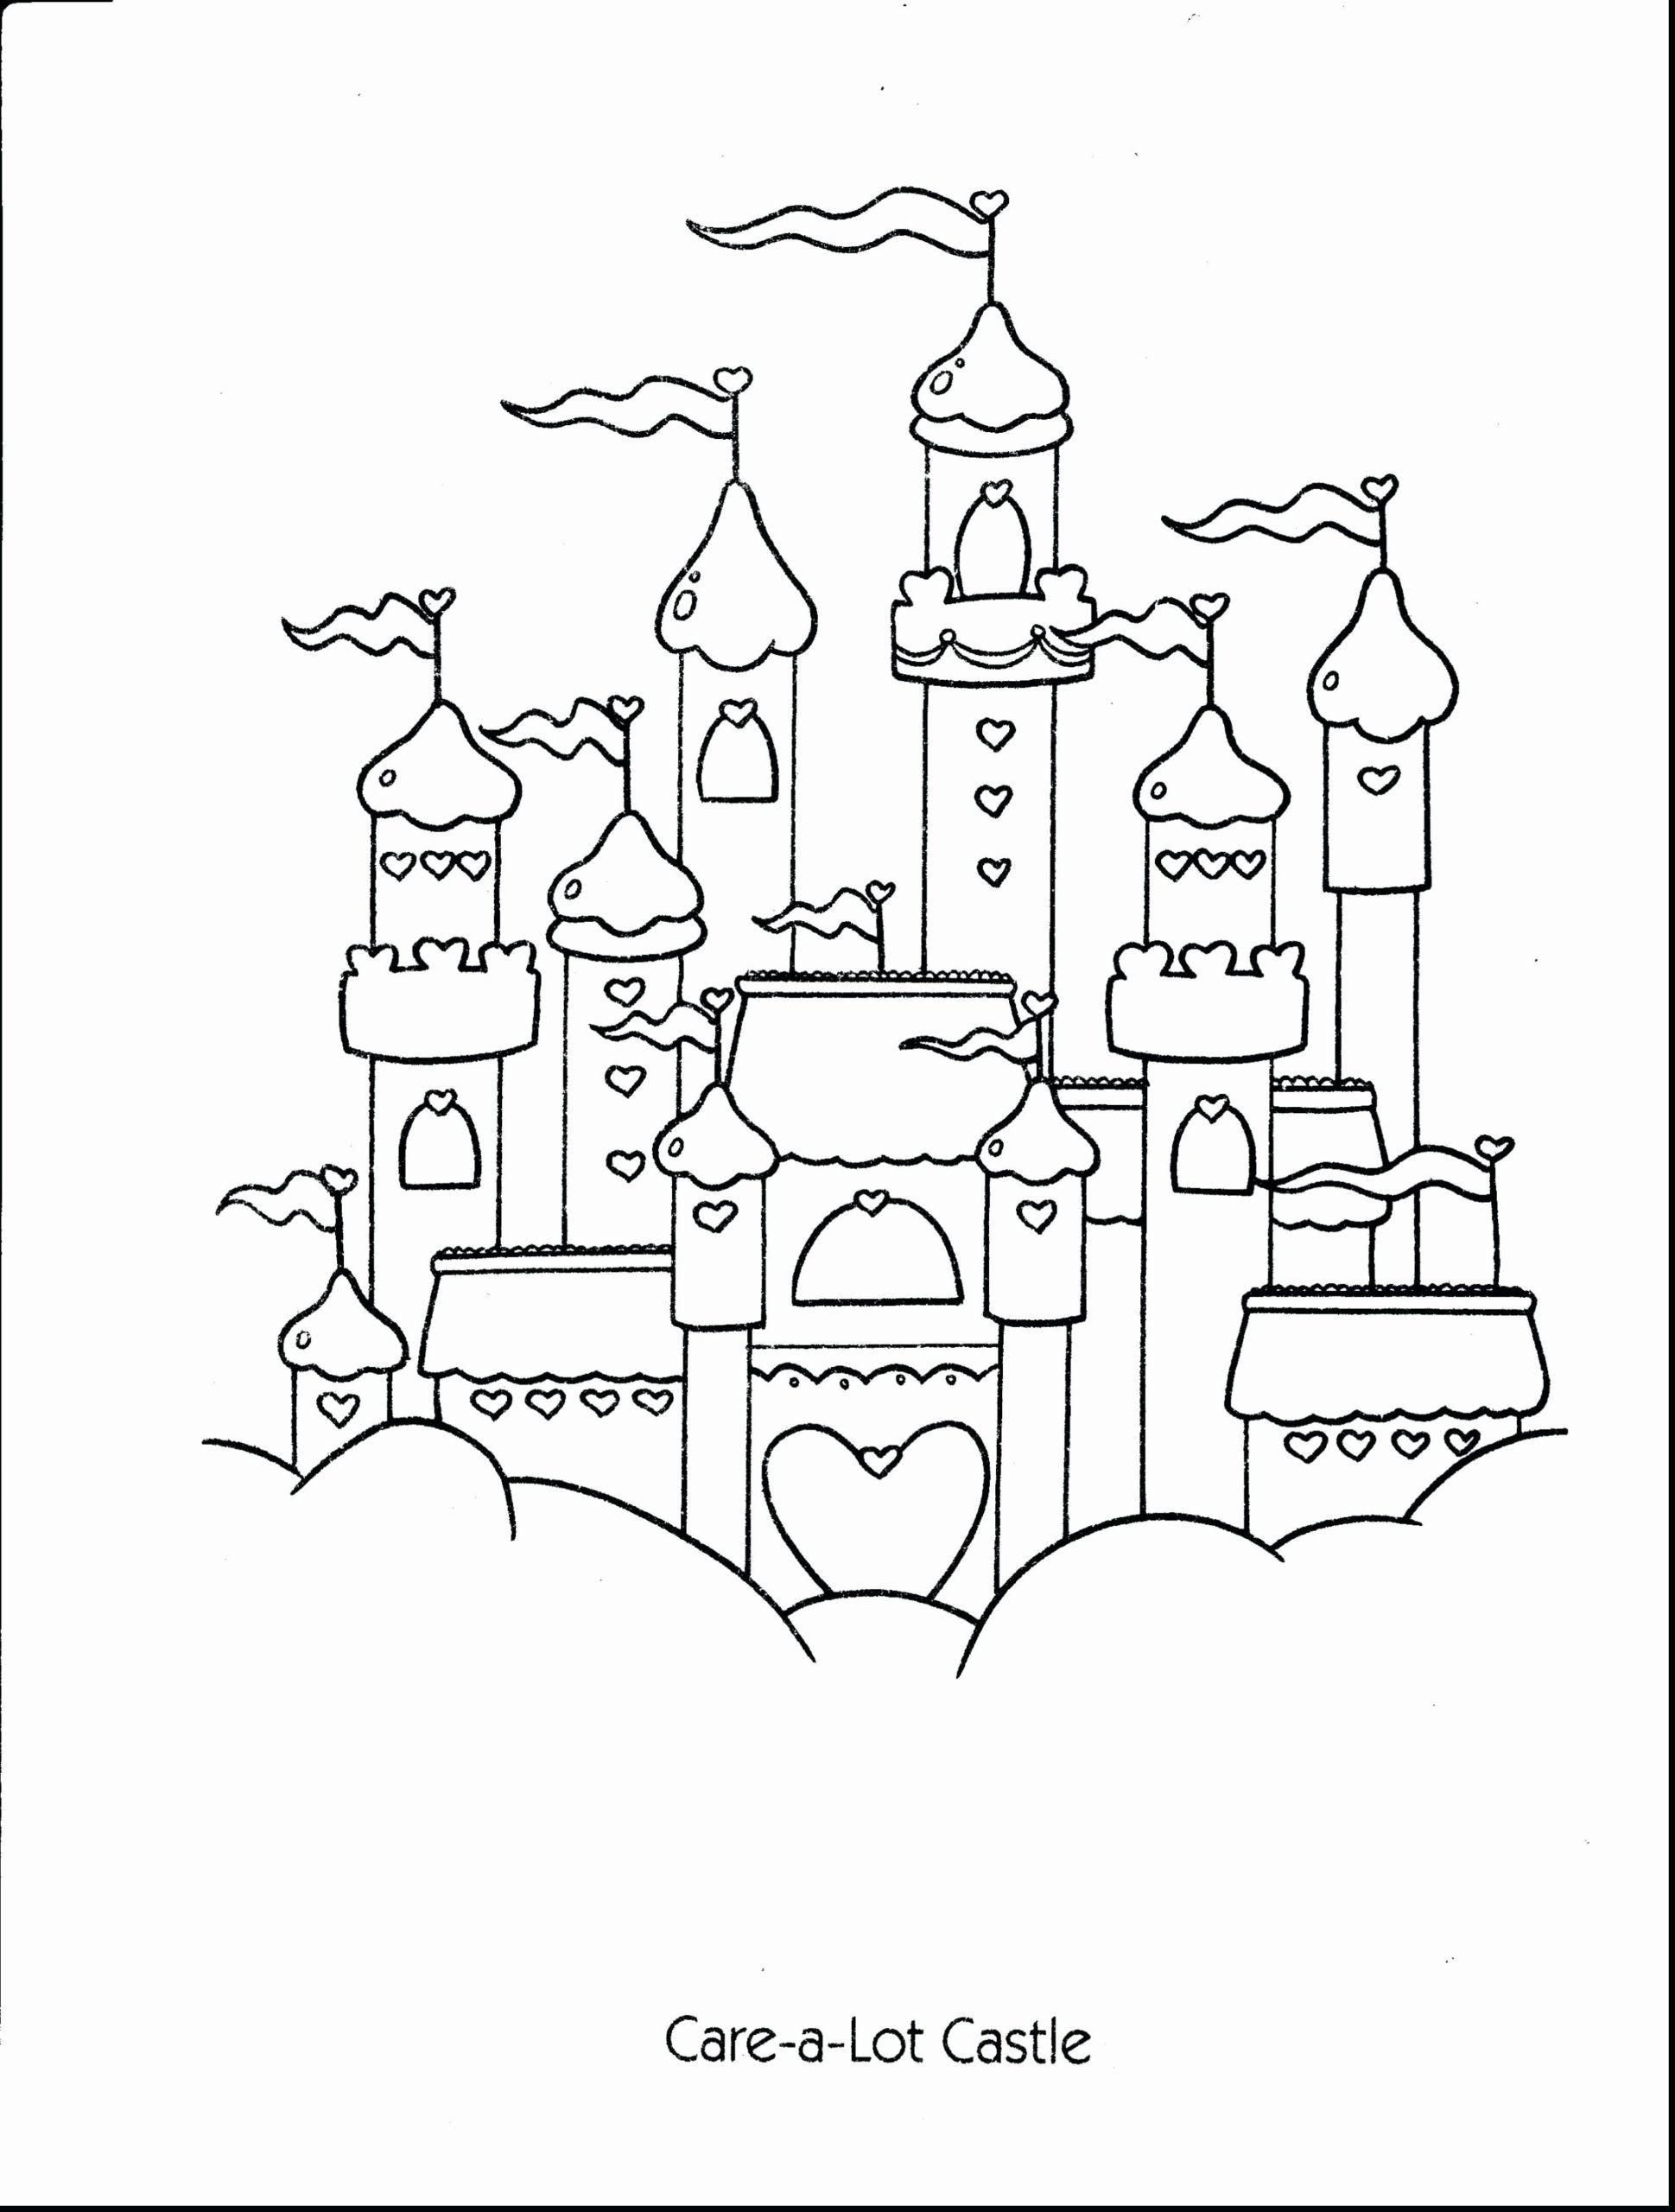 Dornroschenschloss Ausmalbilder Neues Schloss Ausmalbilder Prinzessin Dornroschenschloss Ausmalbilder Ausmalen